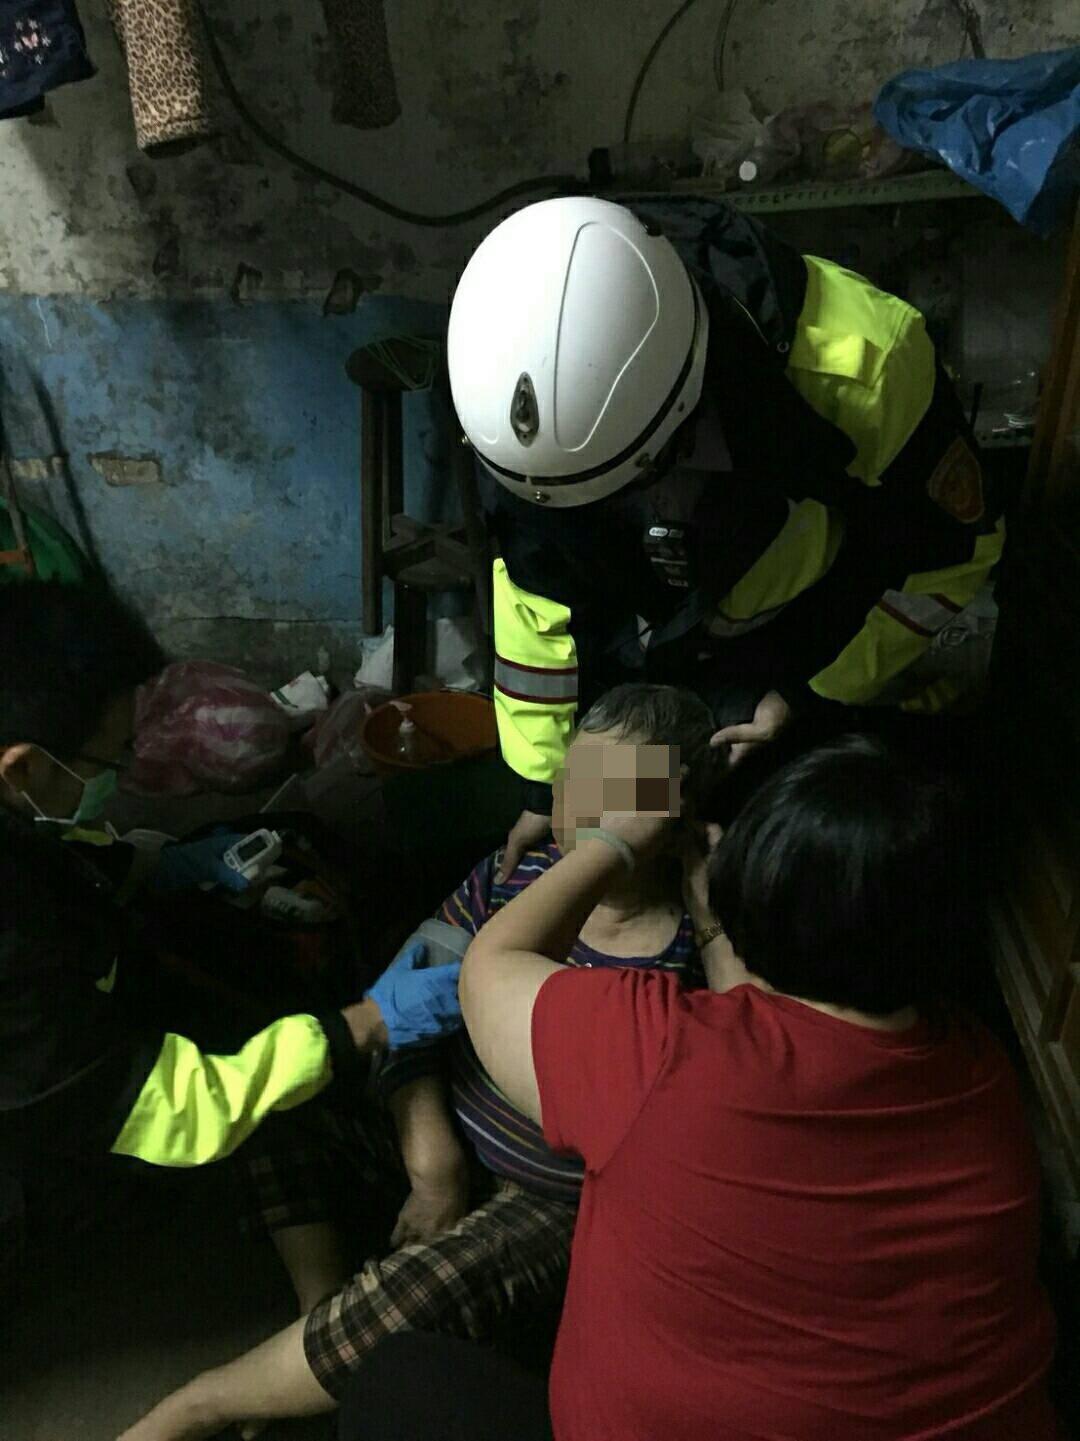 萬里老婦煮菜跌昏險火警,鄰居幫求救警破門救出。圖/警方提供